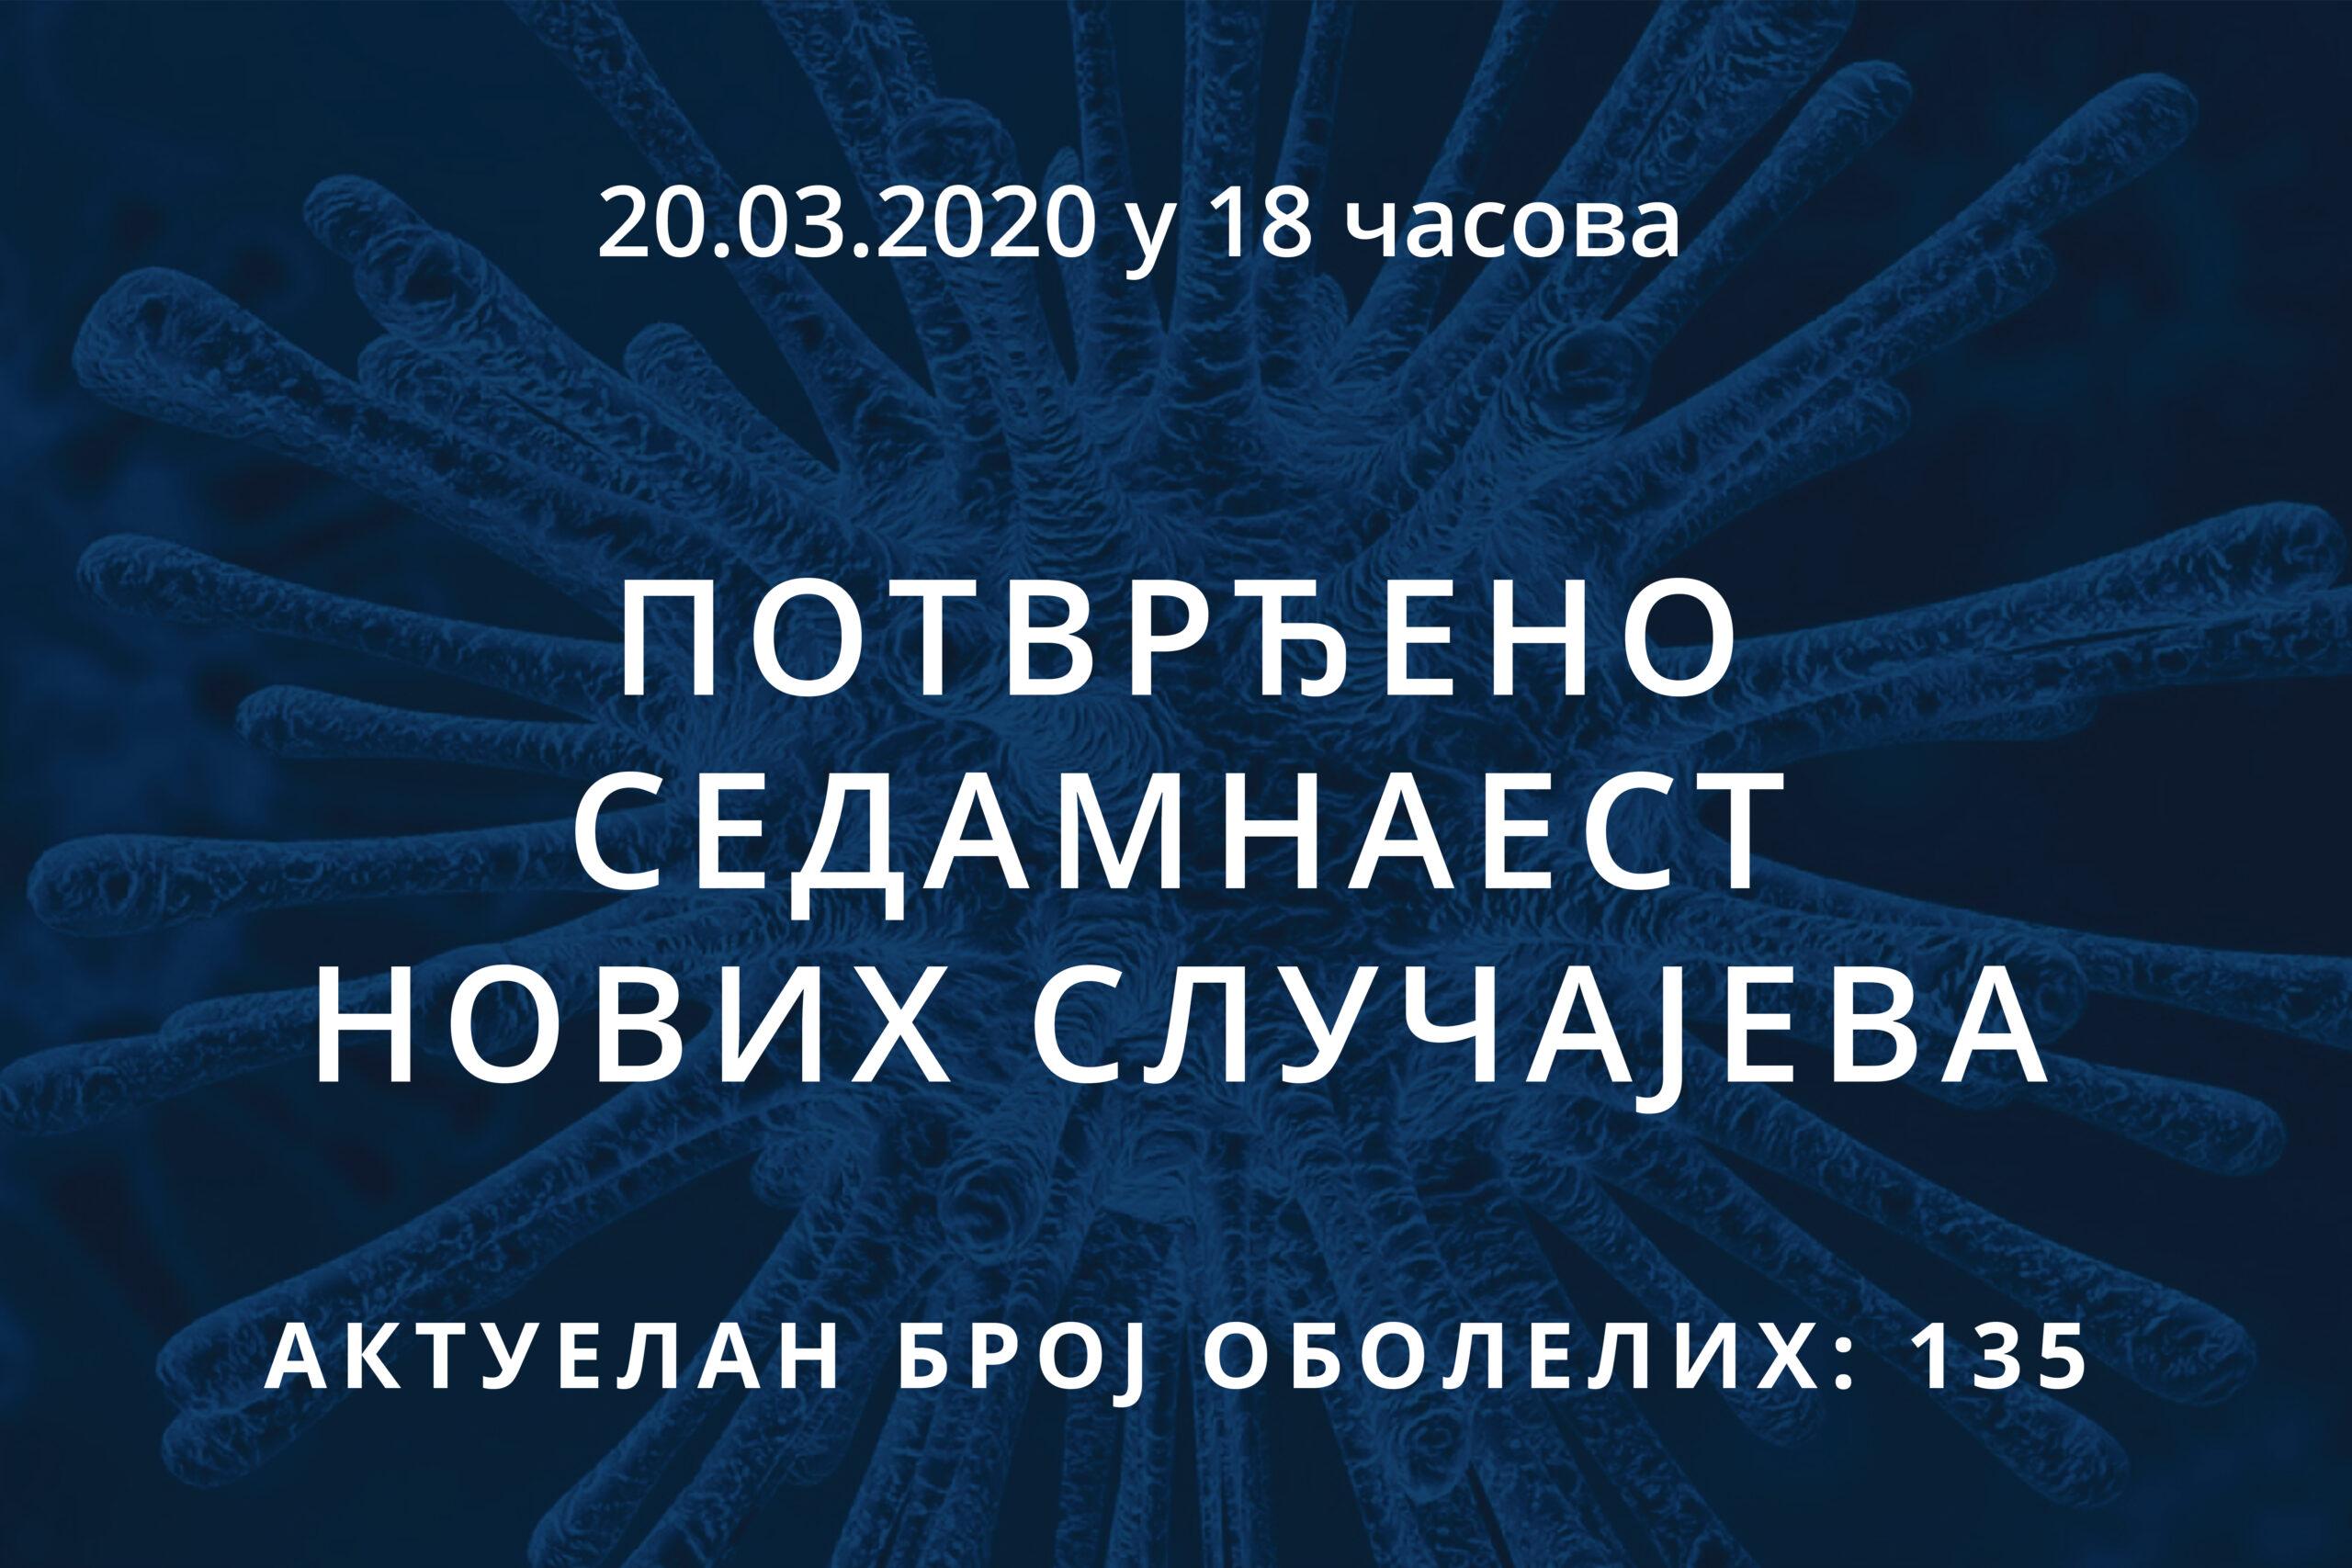 Информације о корона вирусу COVID-19, 20.03.2020 у 18 часова